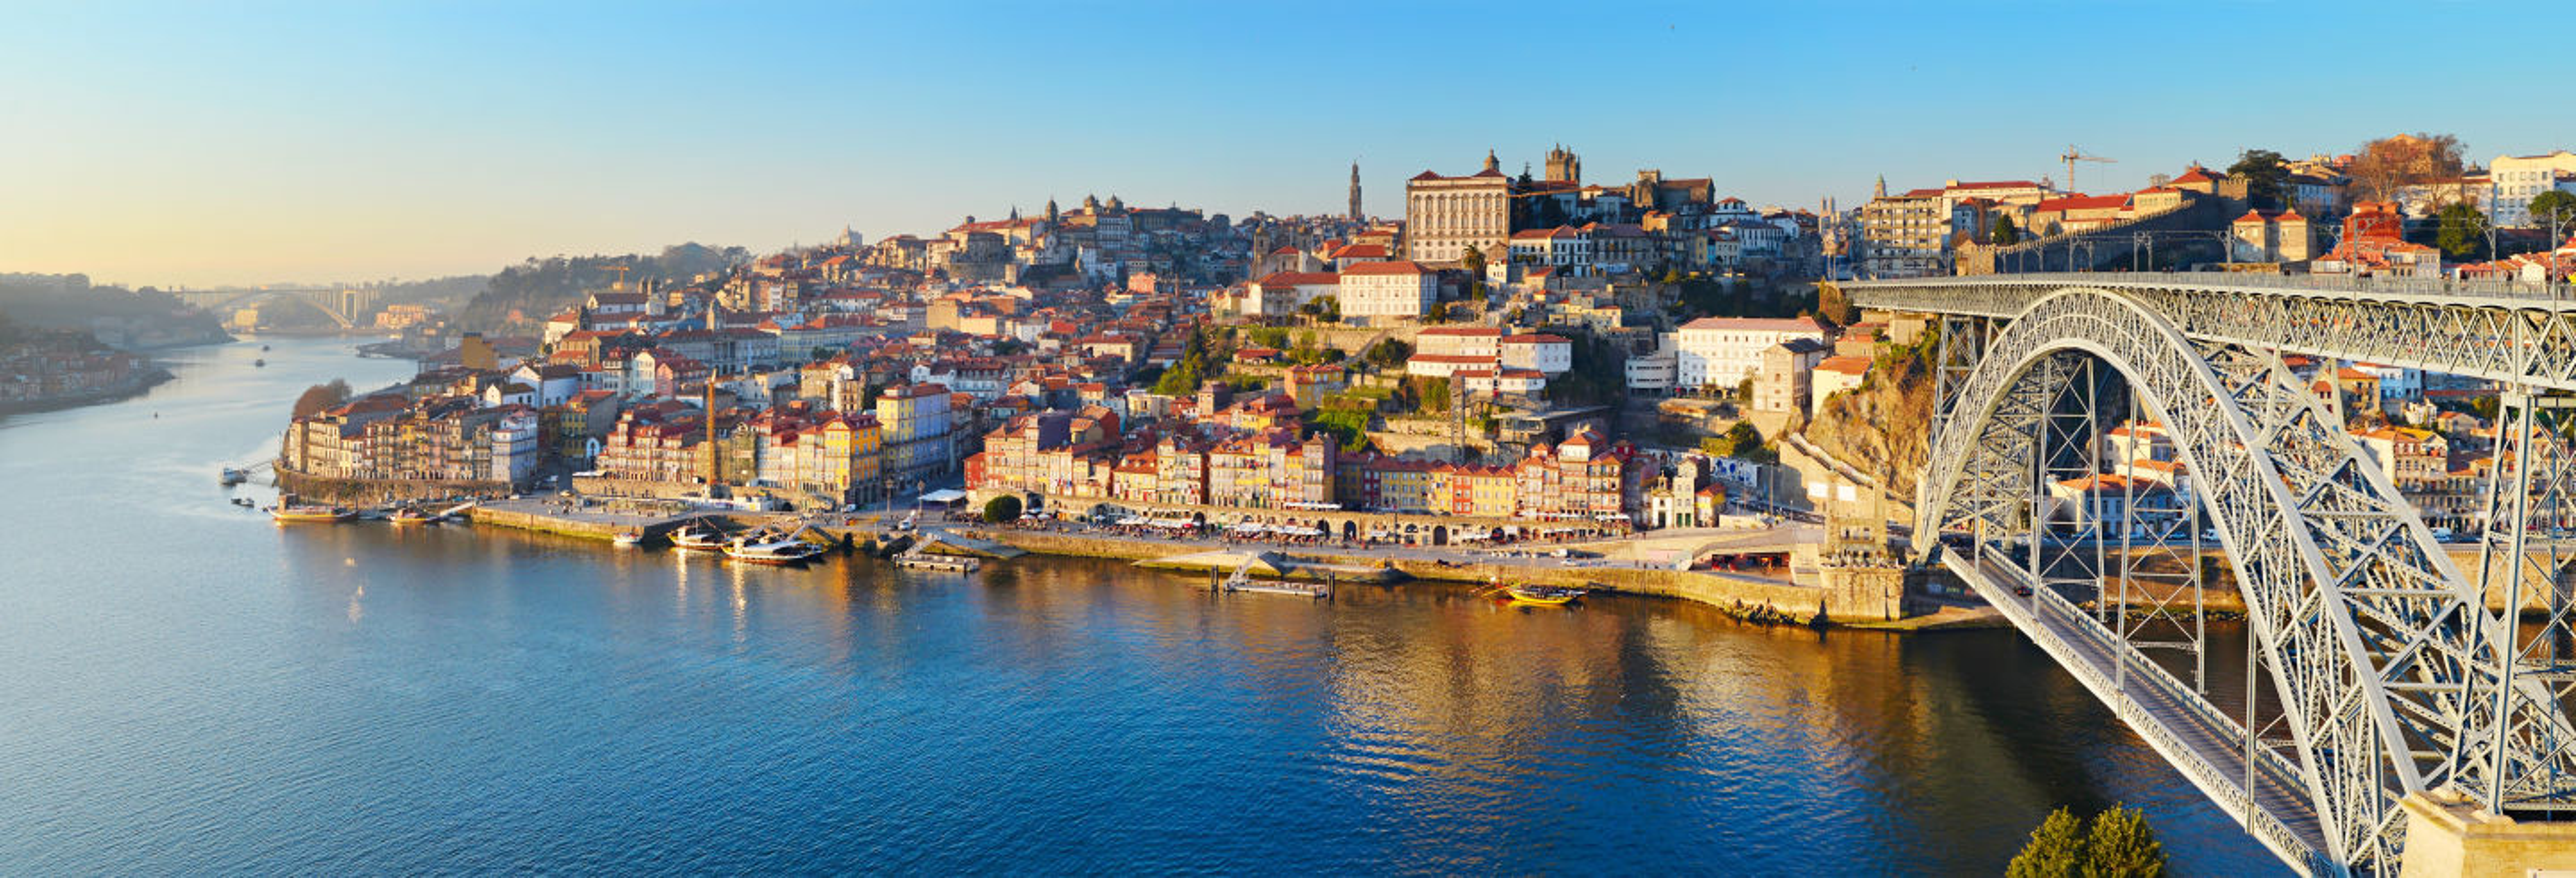 Excursão ao Porto